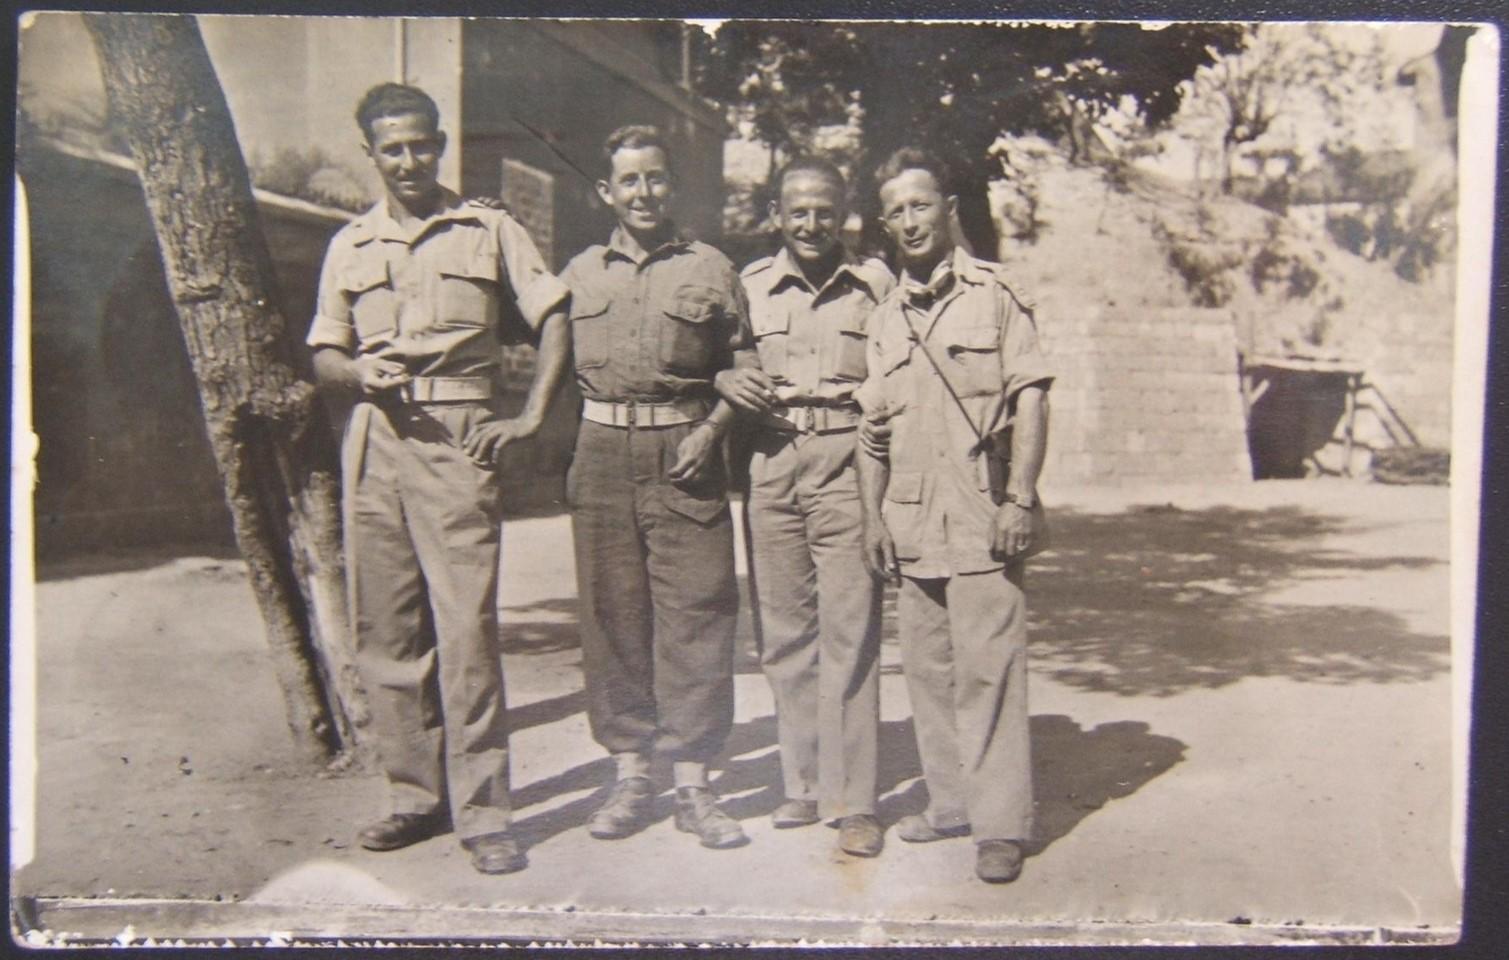 מלחמת העולם השנייה תמונה של הגדוד הראשון חייל הבריגדה היהודית 1945